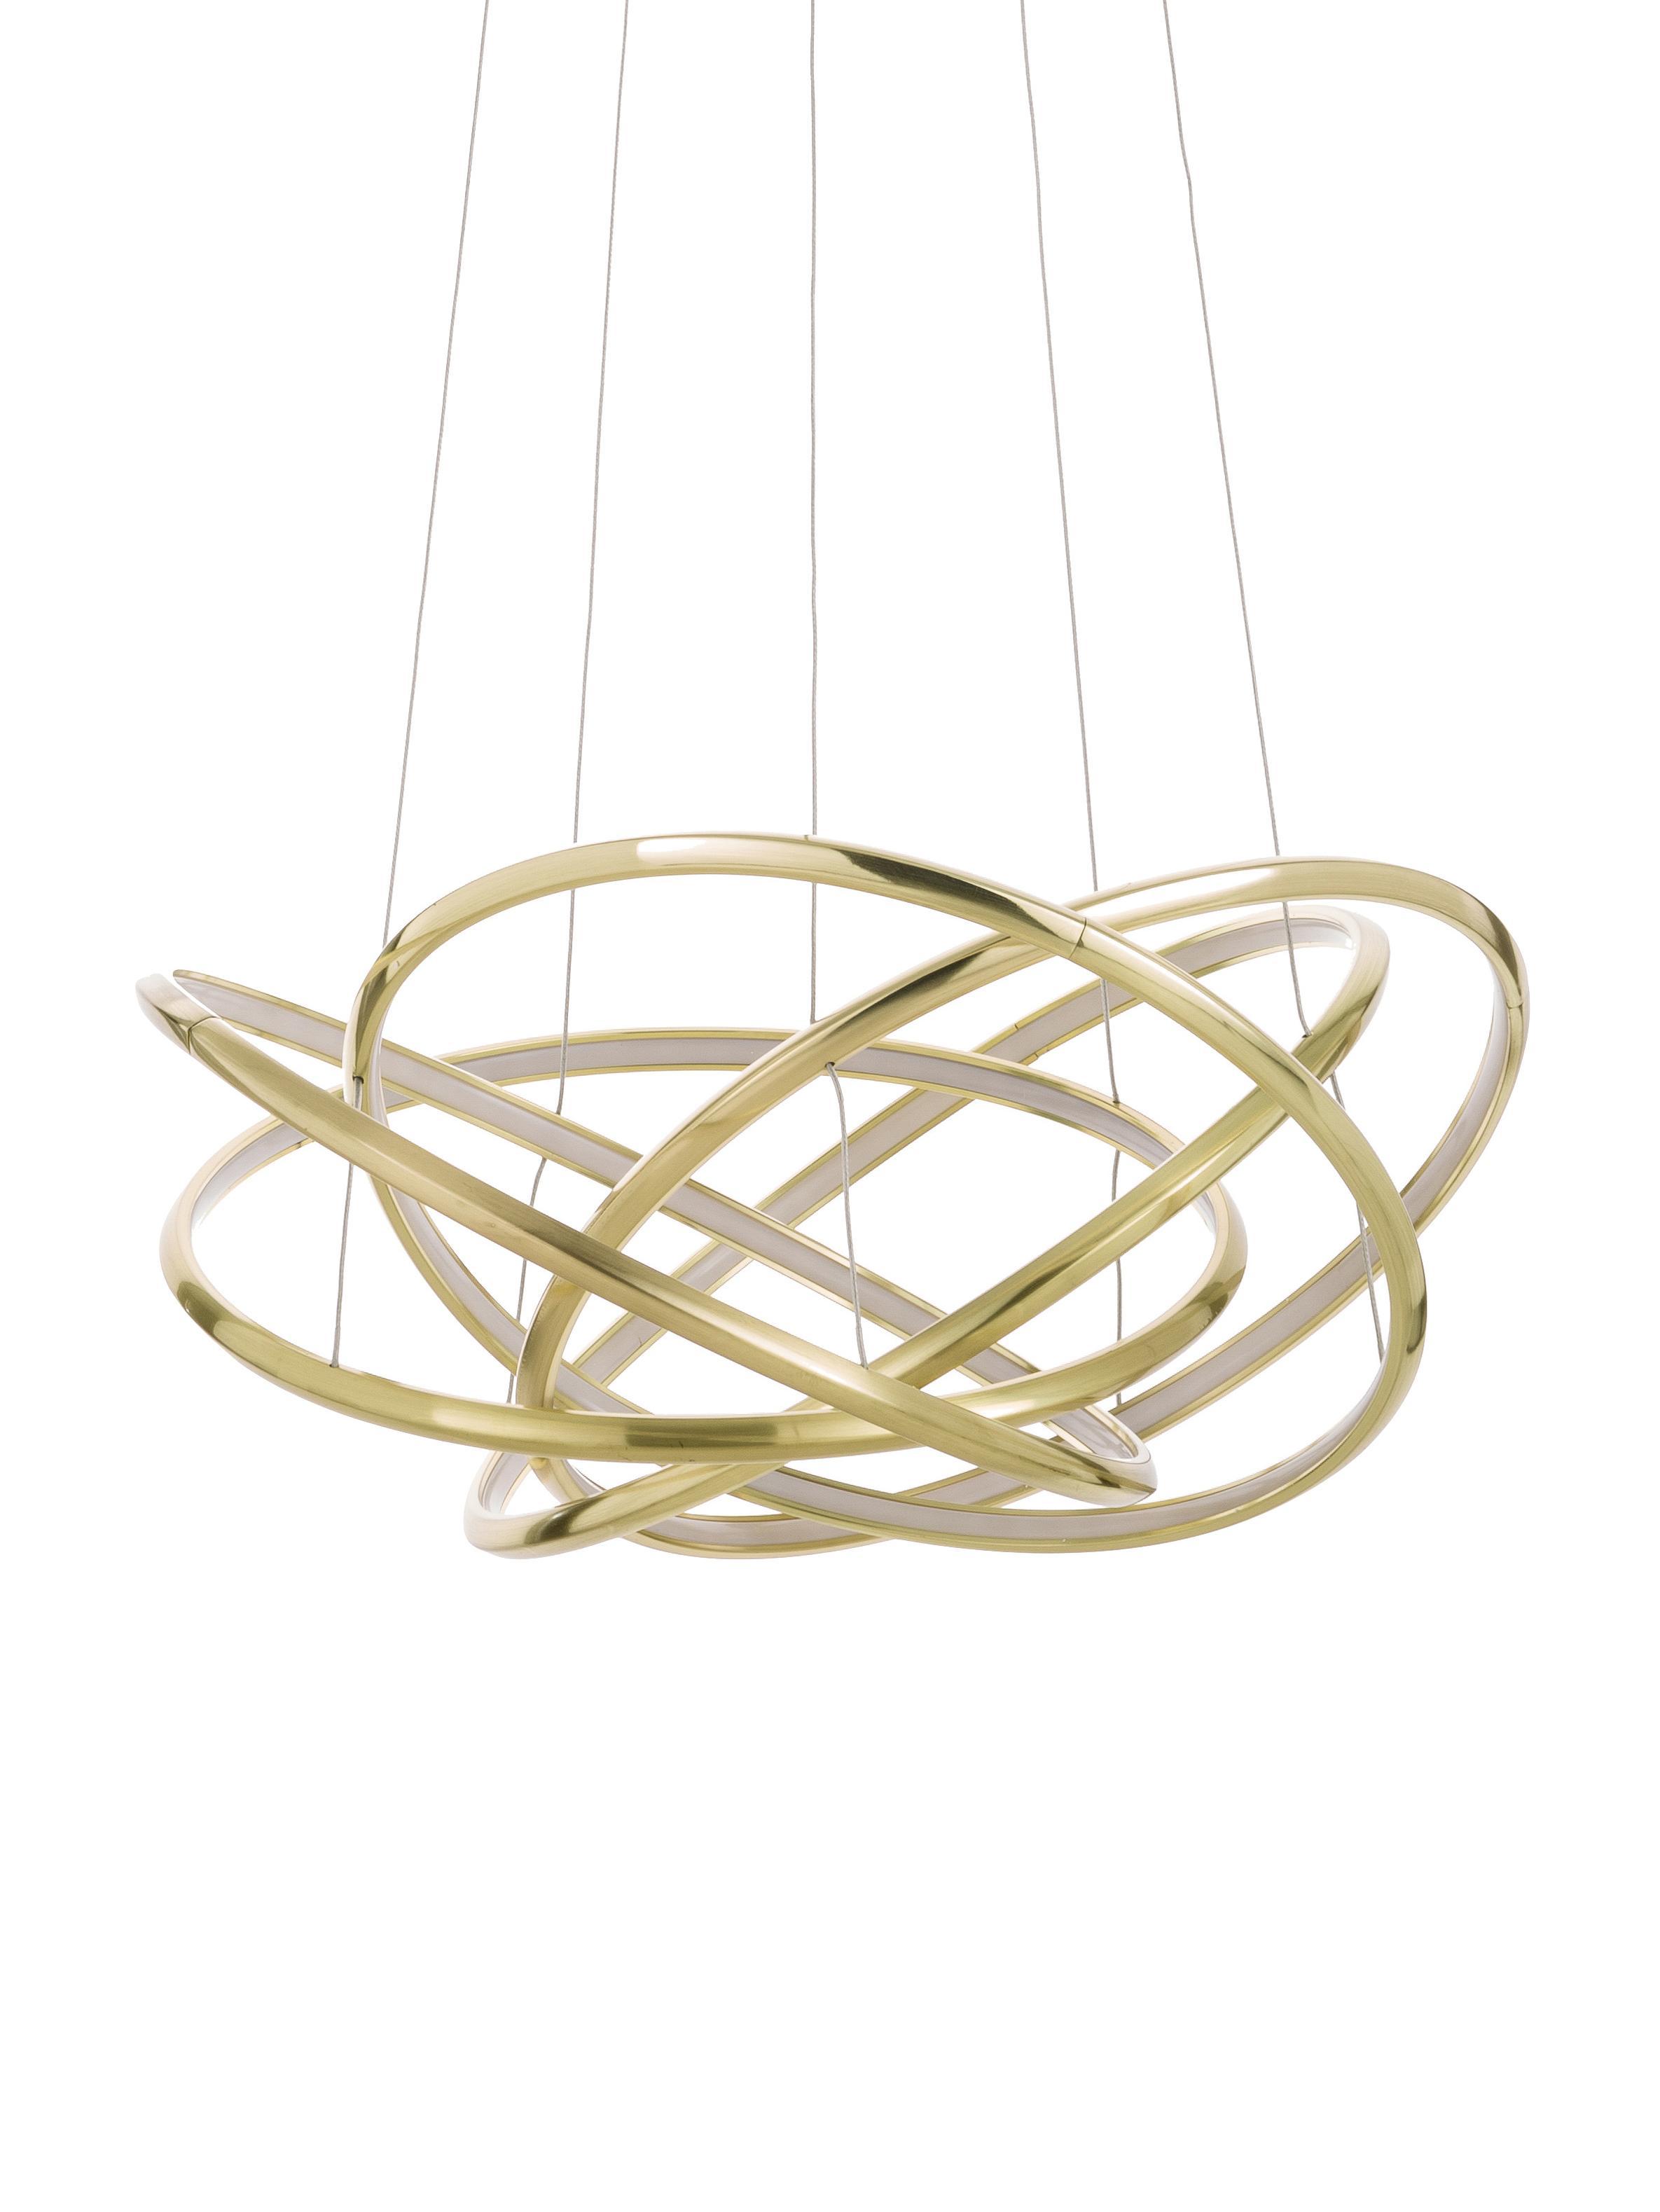 Lampada a sospensione a LED Saturn, Paralume: alluminio verniciato a po, Baldacchino: acciaio ottonato, Oro, Ø 72 x Alt. 75 cm